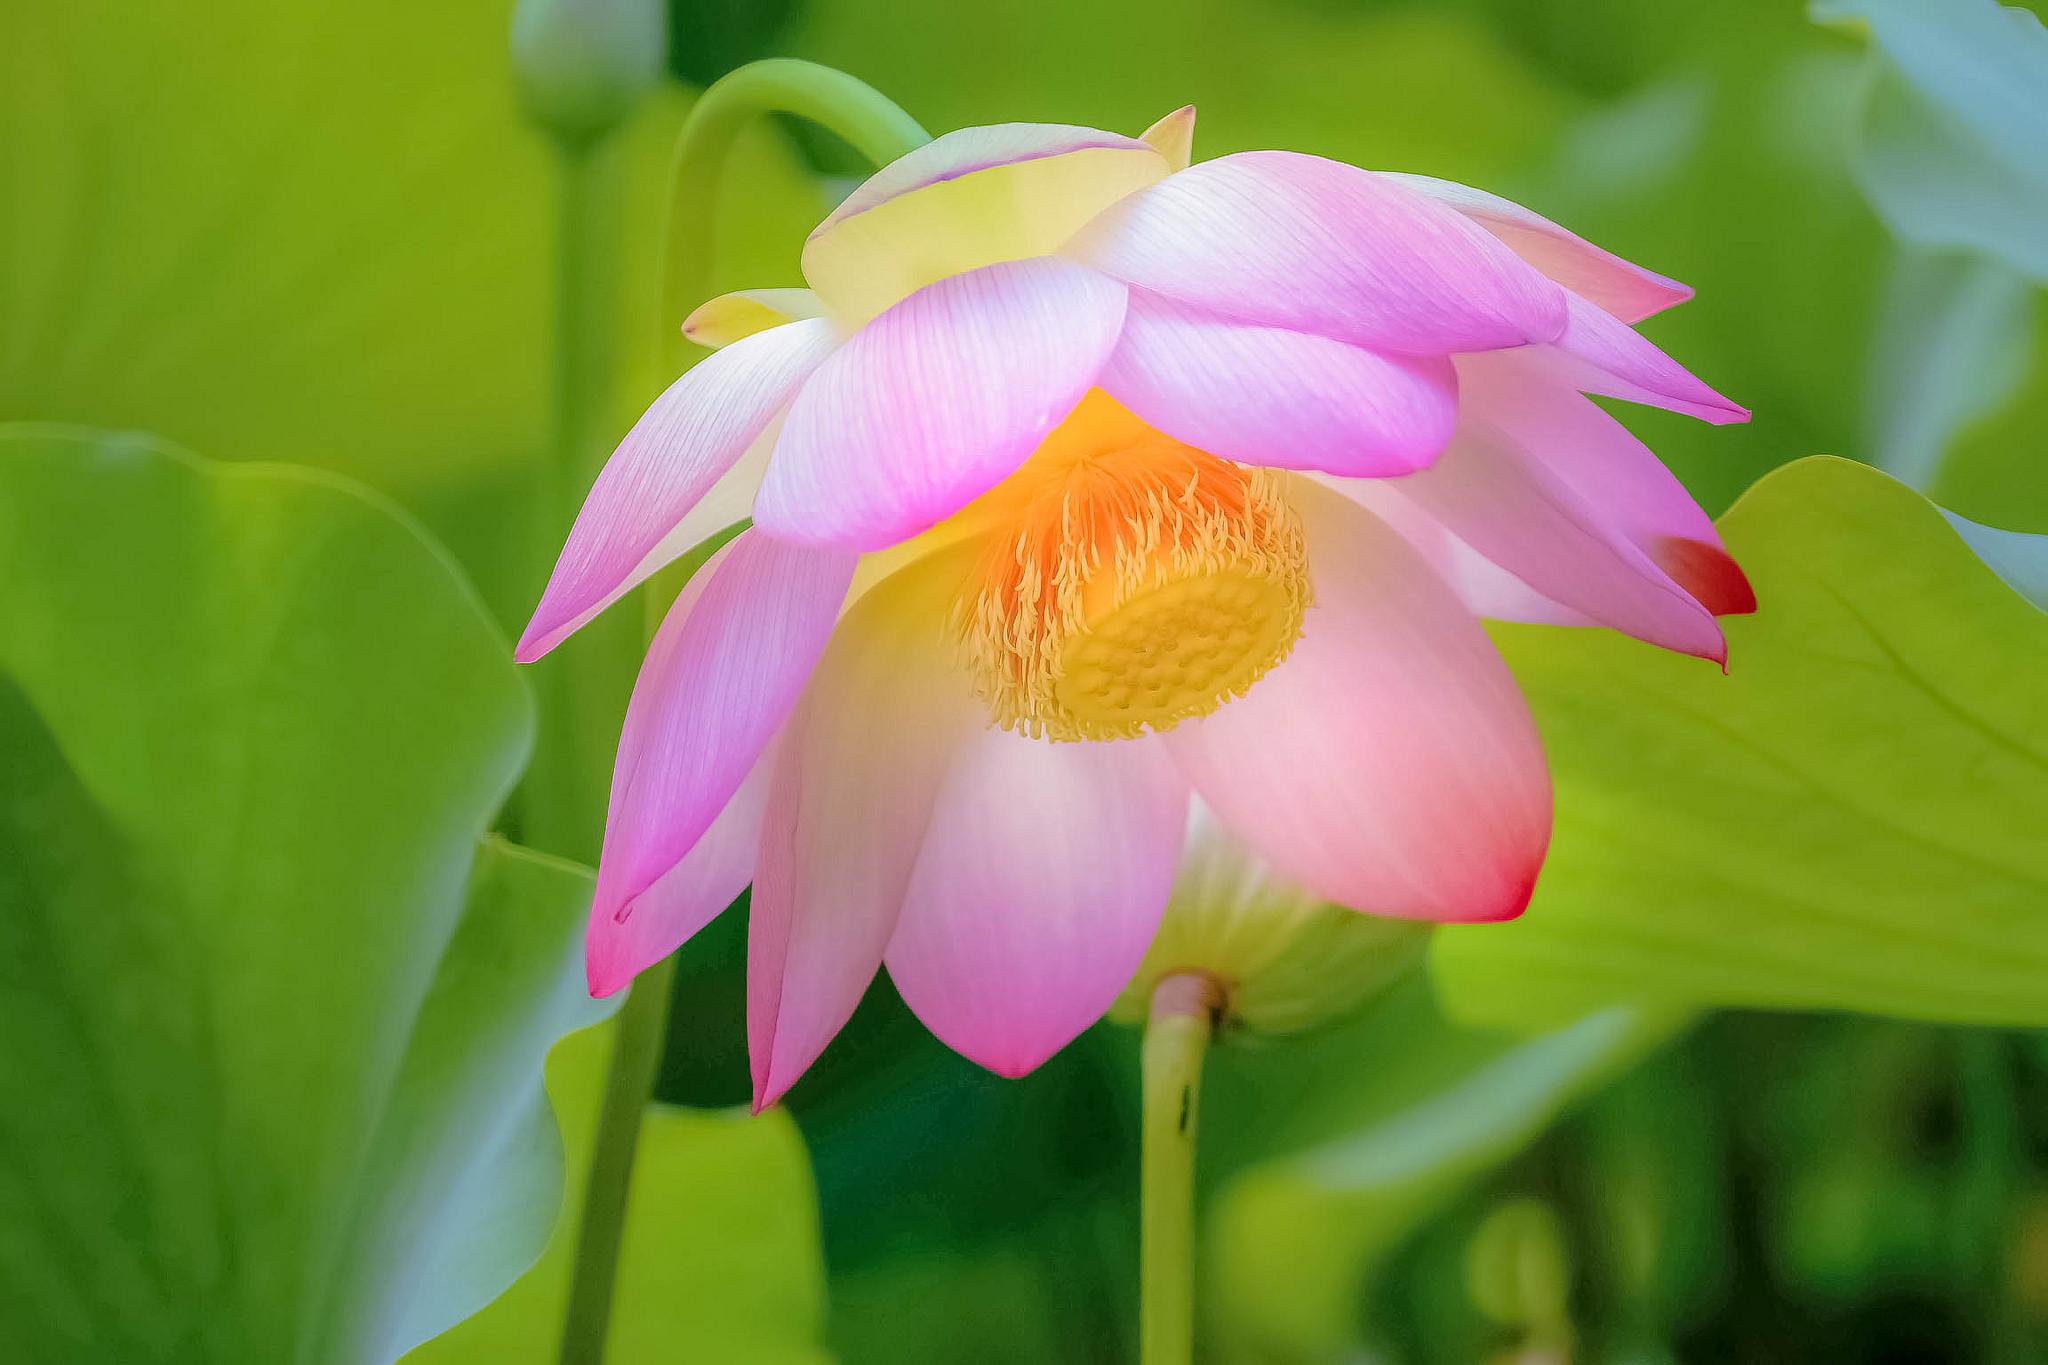 чашу красивые цветы фото по одному цветку повезло попал